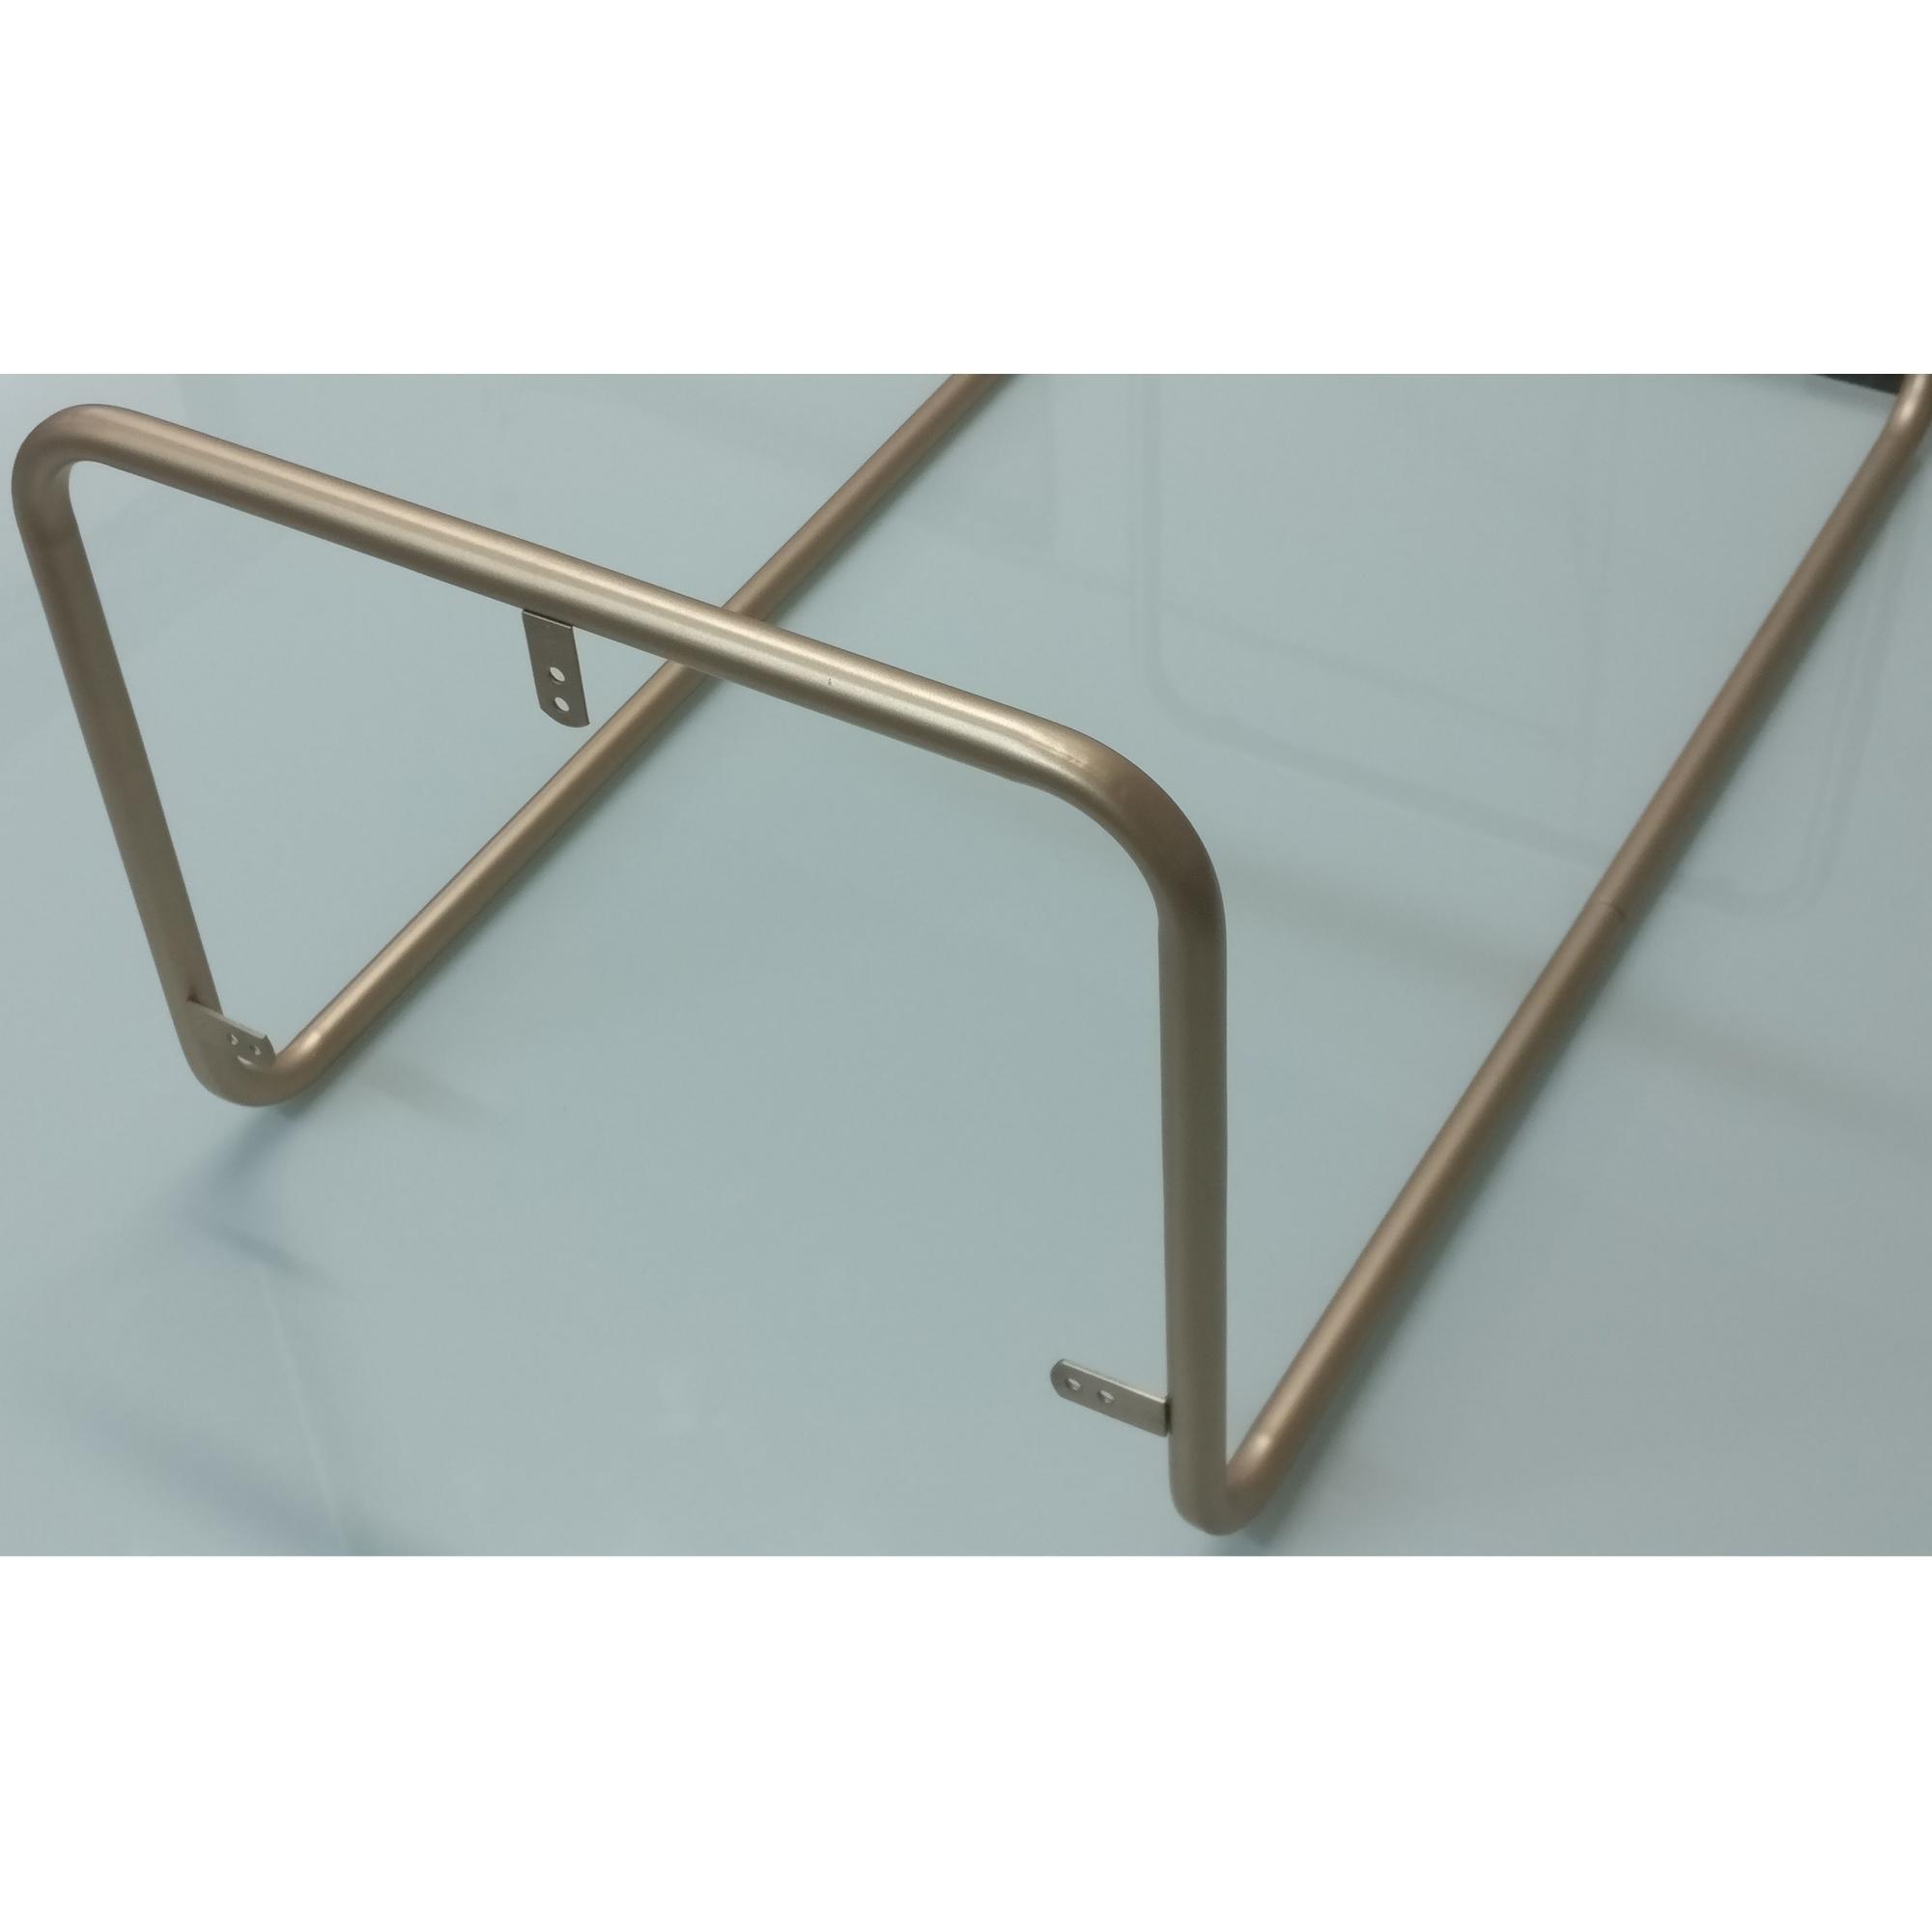 Base Tubular Desmontável para Mesinha de Canto Sala Bronze